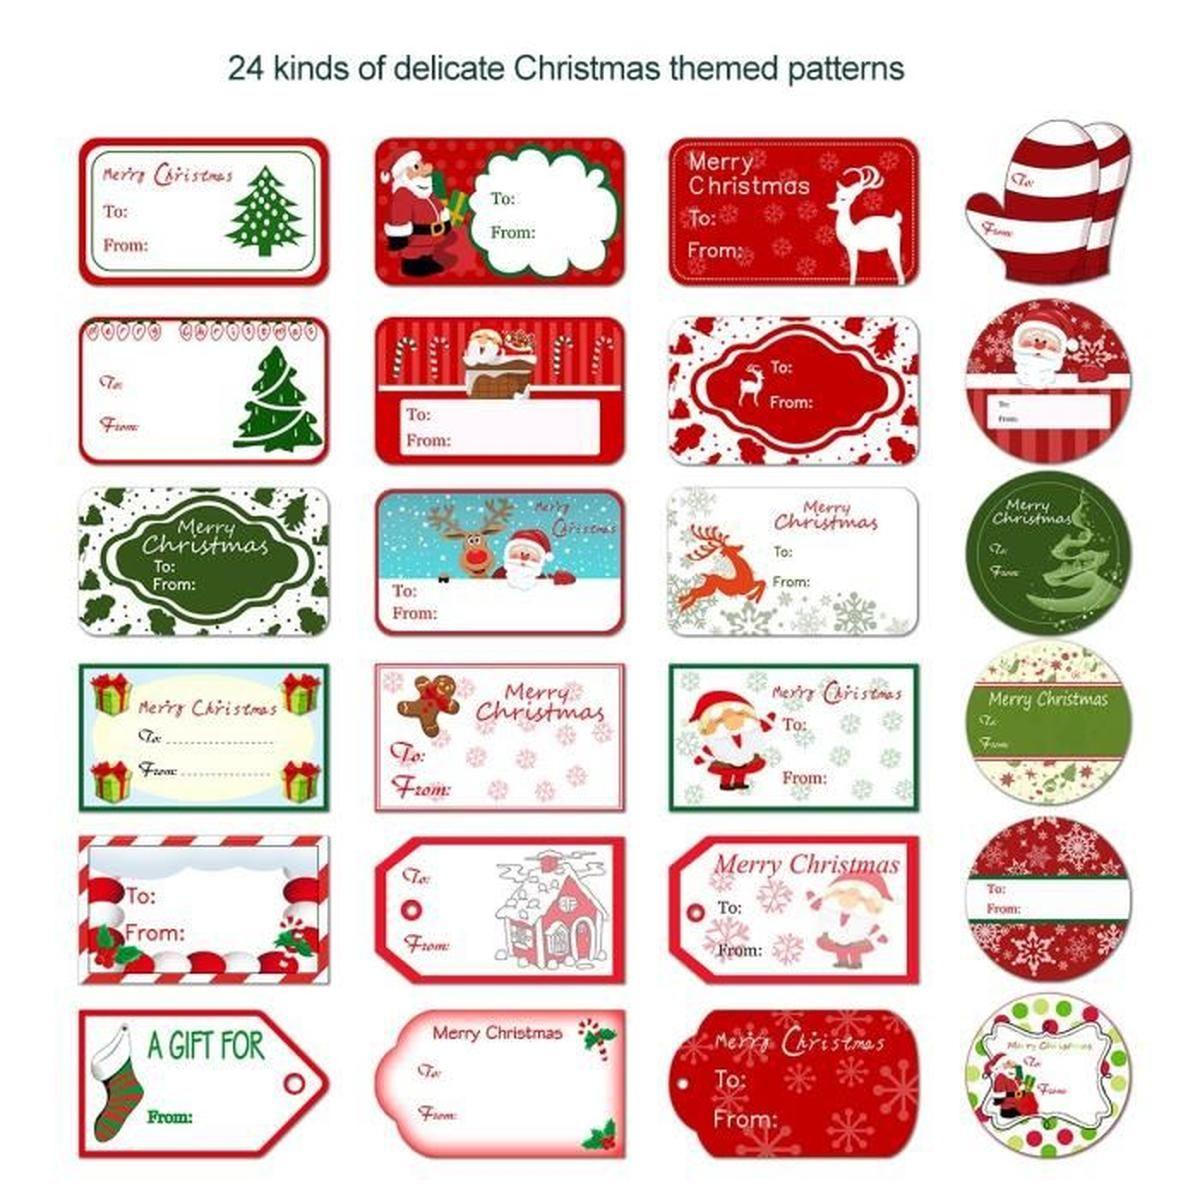 Etiquettes Cadeau Noel concernant Etiquette Noel A Imprimer